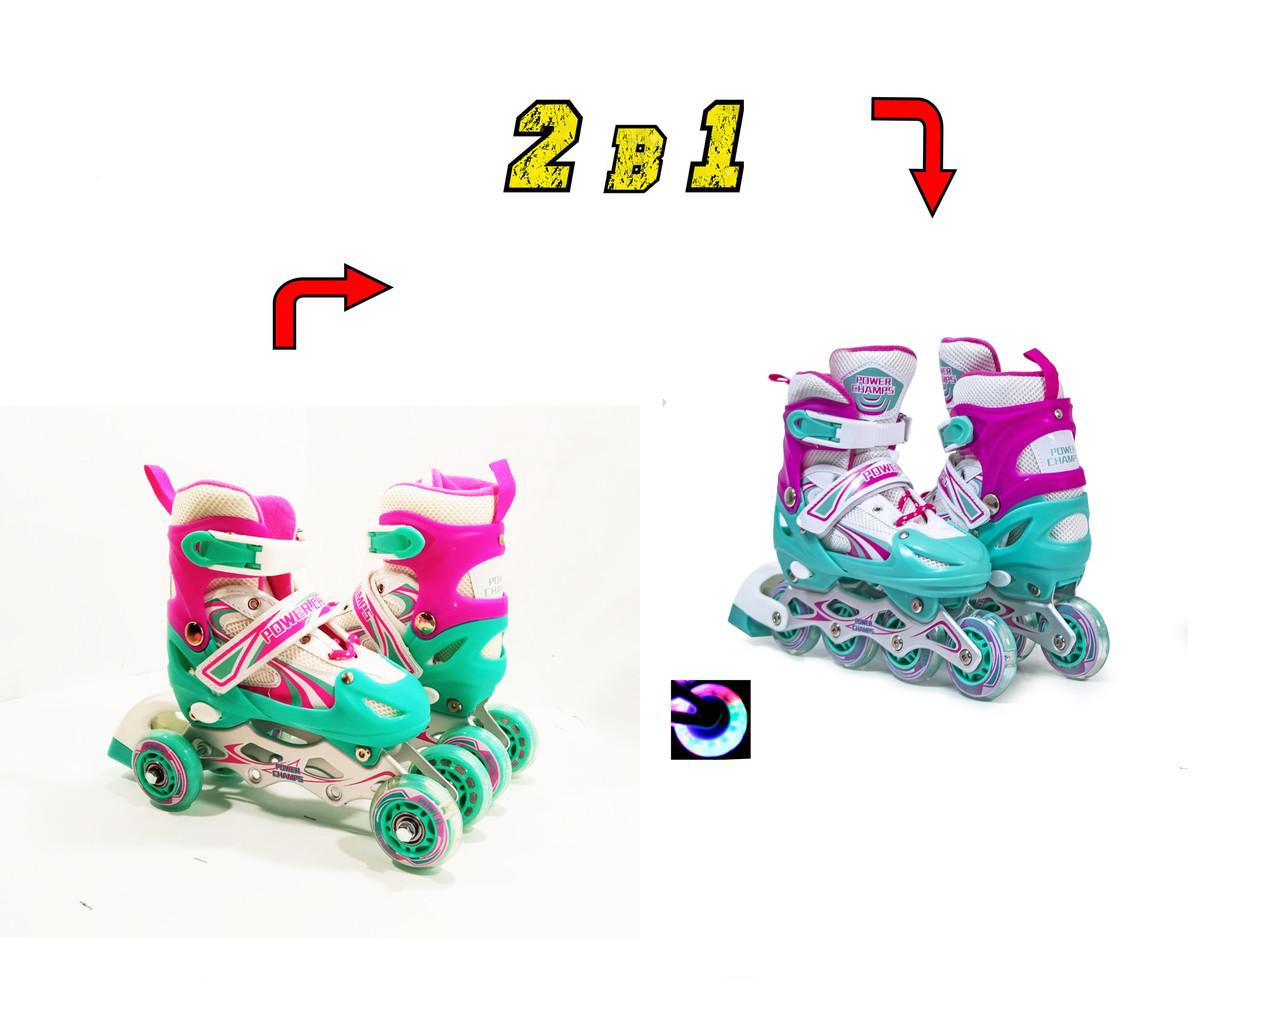 Дитячі ролики для початківців квади розмір 29-33 і 34-37 LikeStar бірюзовий колір